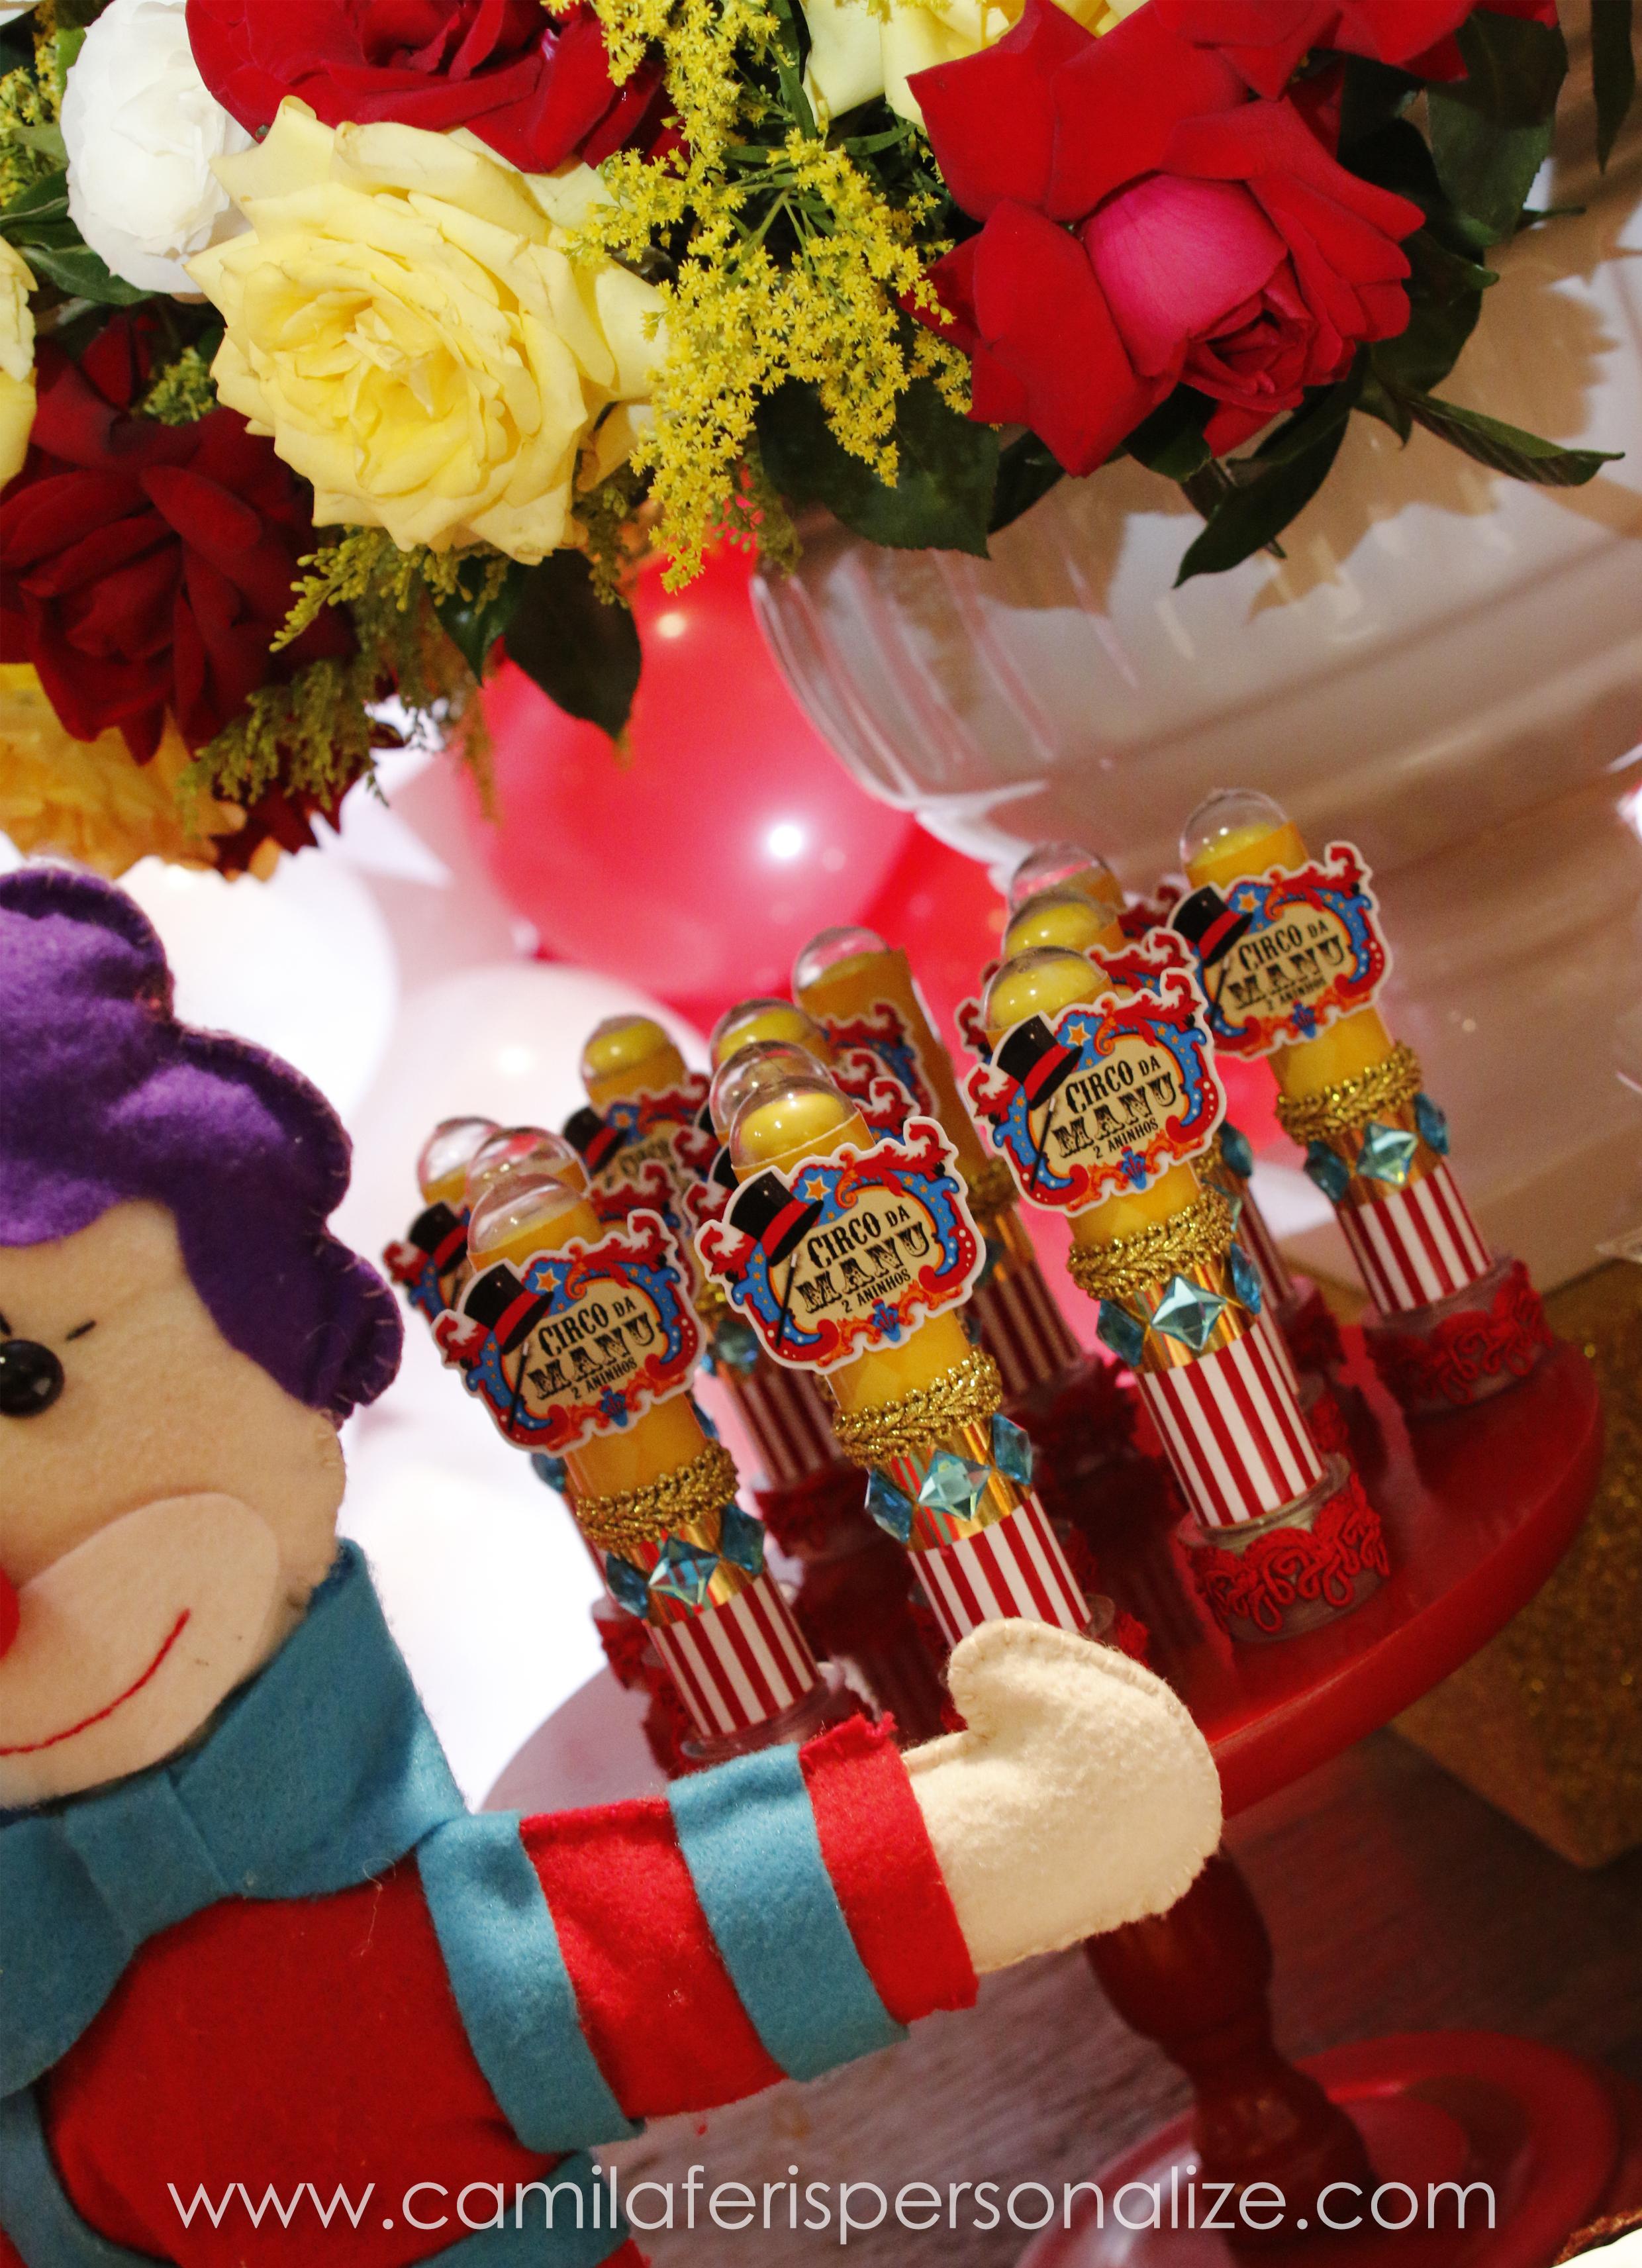 circo tubetes personalizados circo.jpg